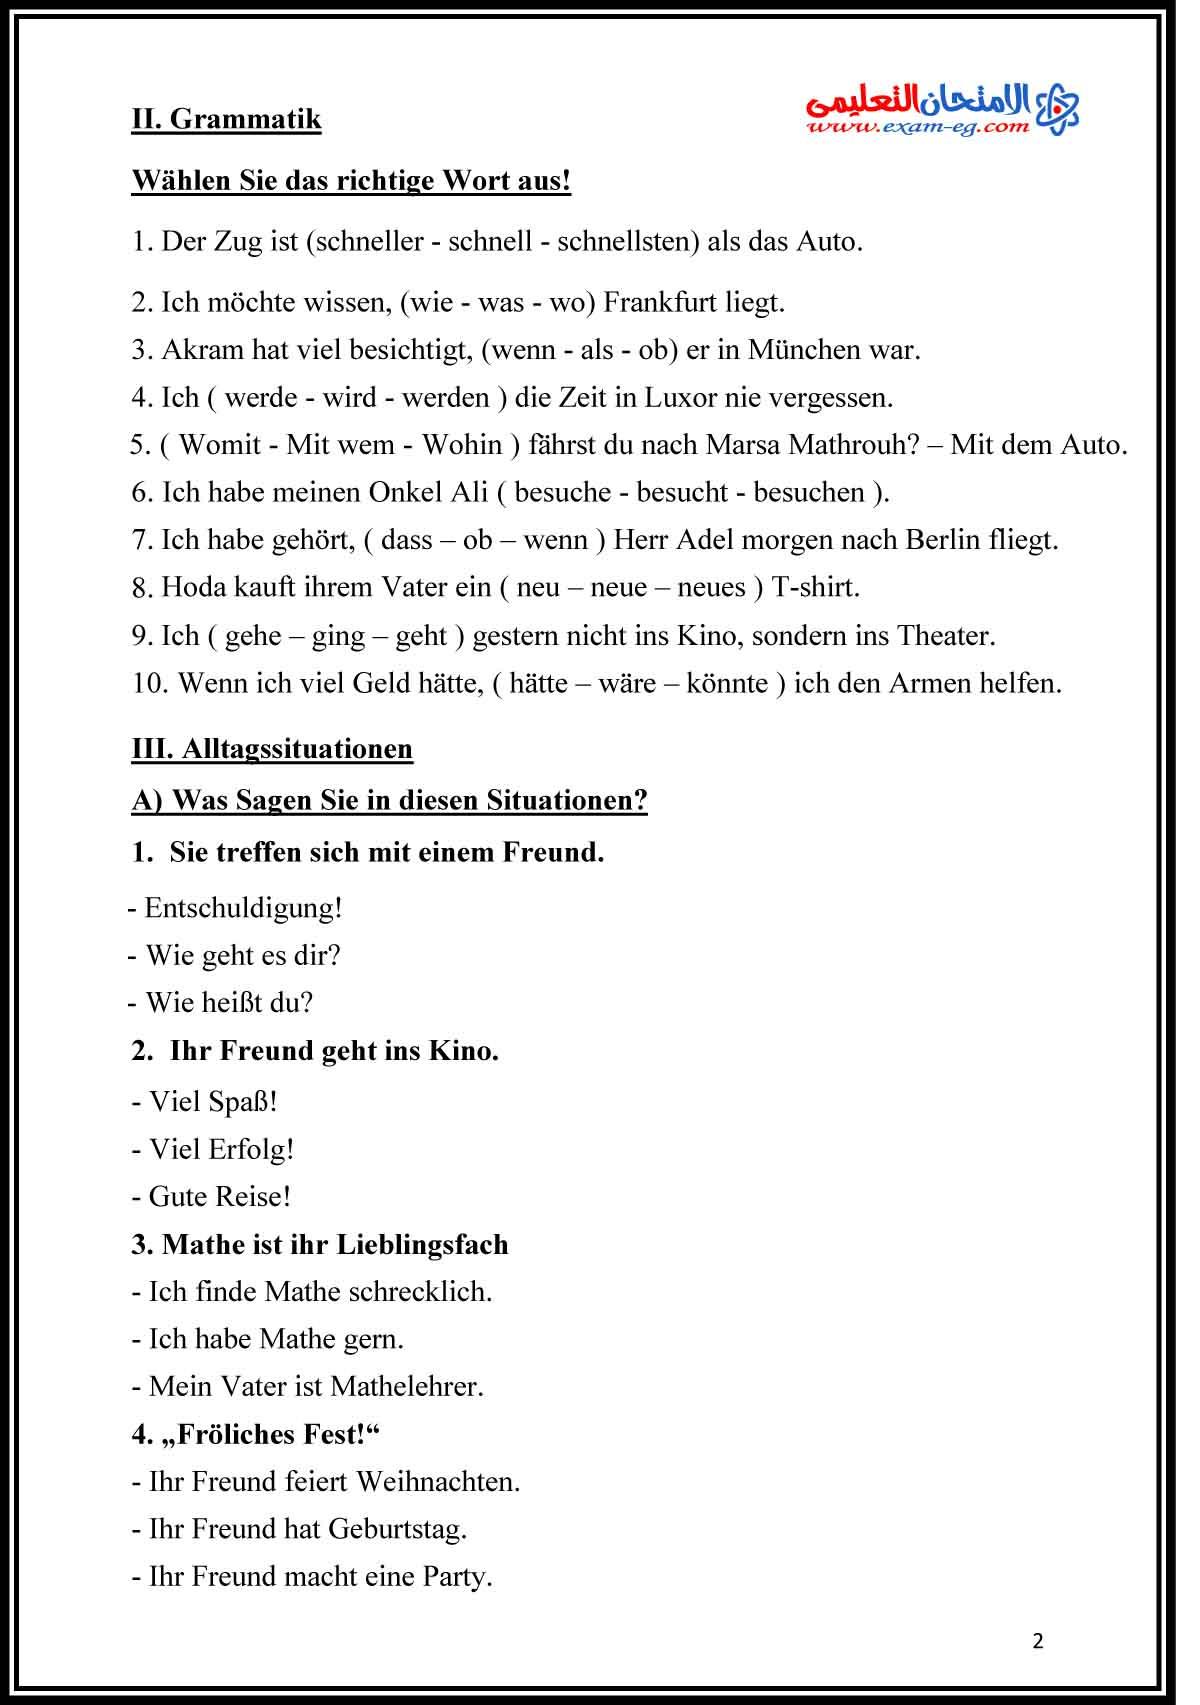 امتحان الوزارة فى اللغة الالمانية 1